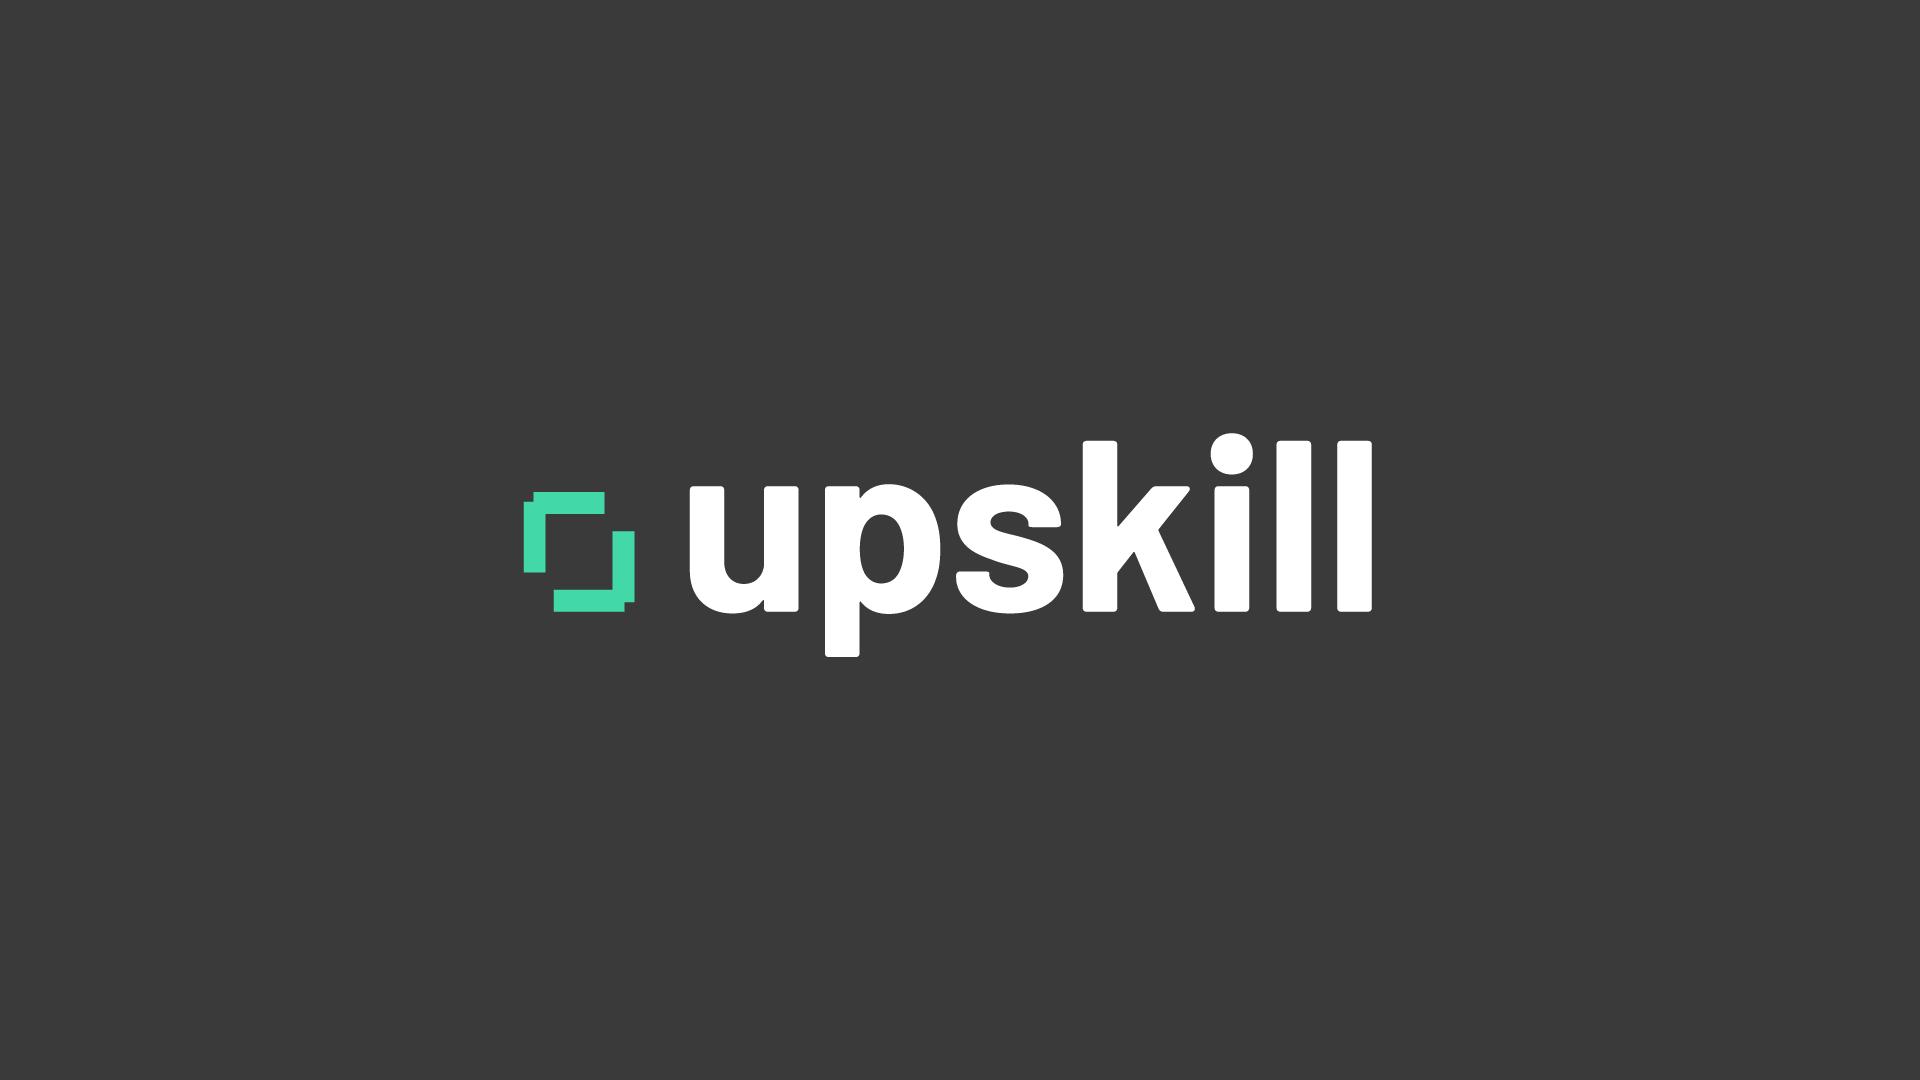 upskill-logo20-3.png